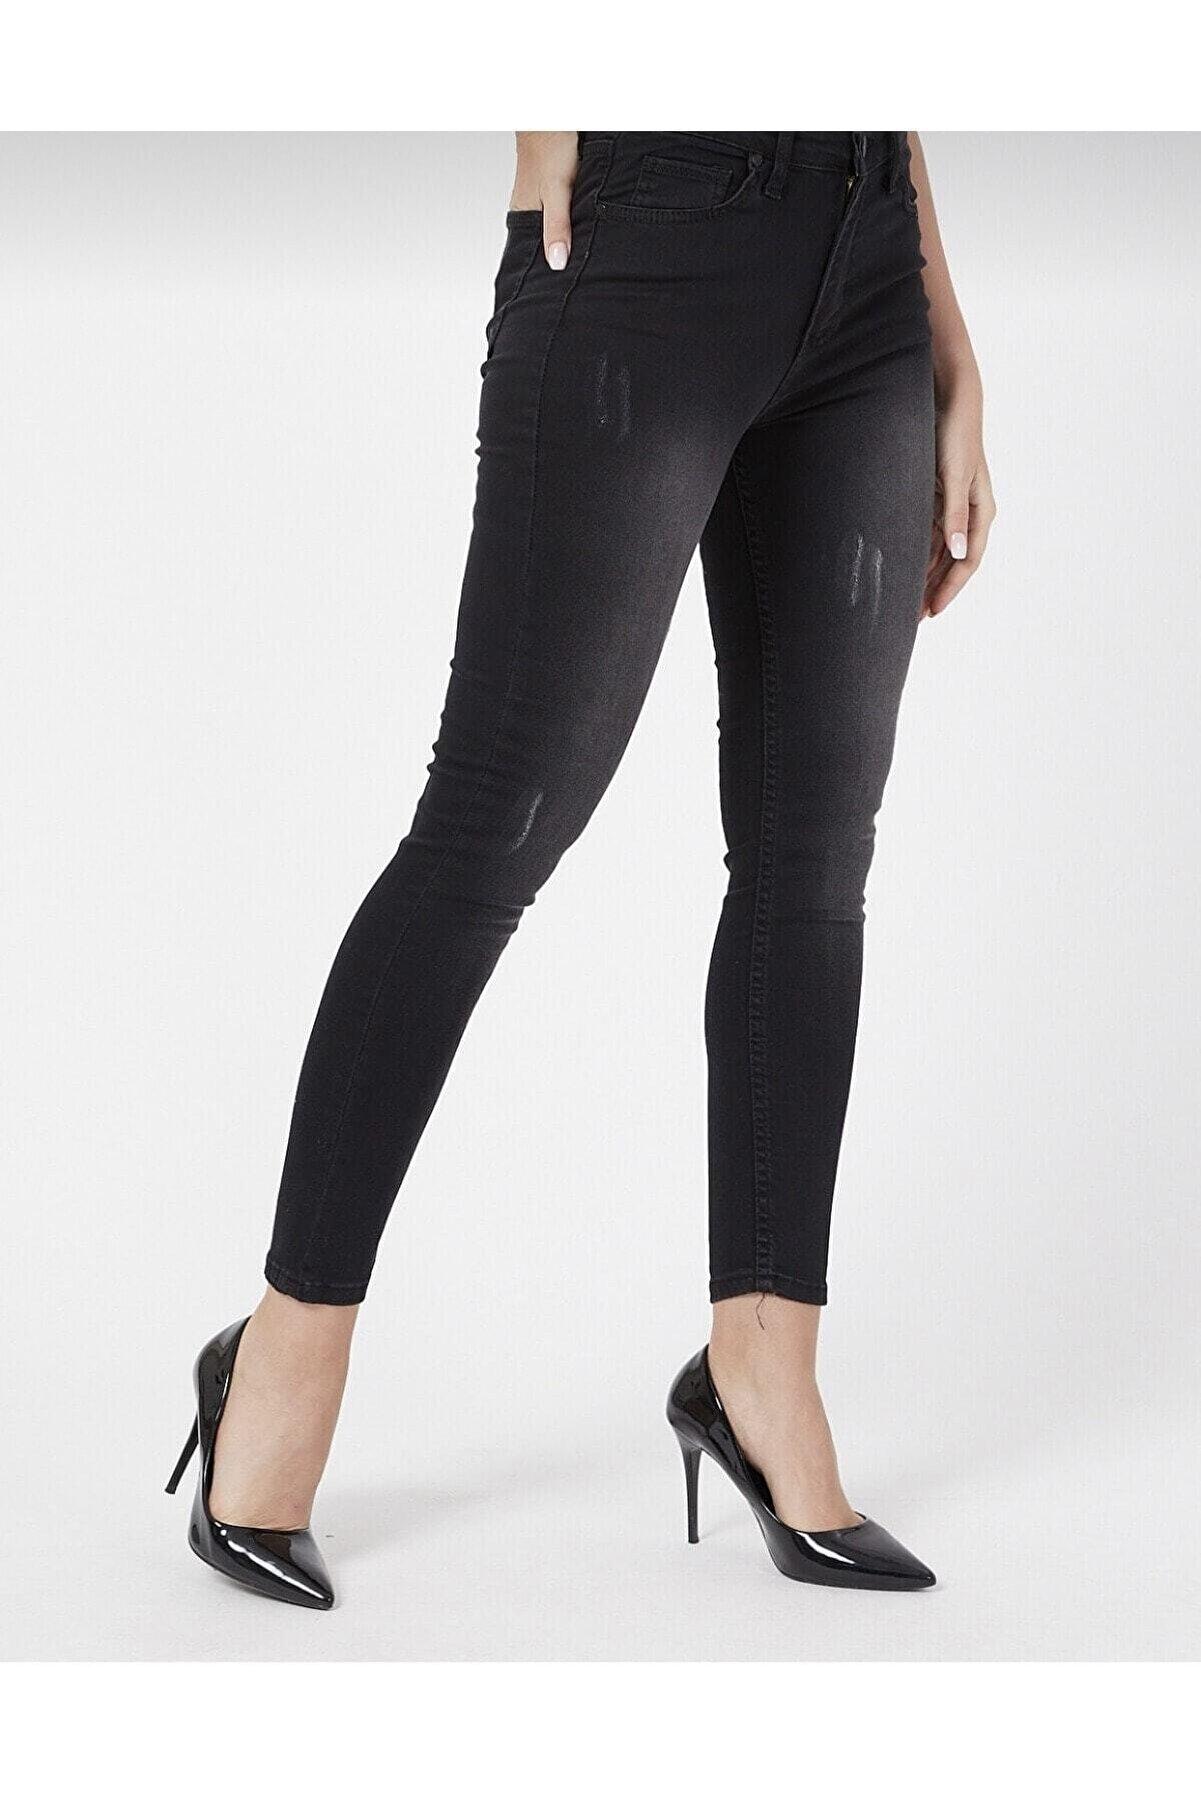 TRENDNATUREL Ramrod Jeans Tırnaklı Taslamalı Sıyah Jeans Lütfen Beden Tablomuza Göre Sipariş Veriniz